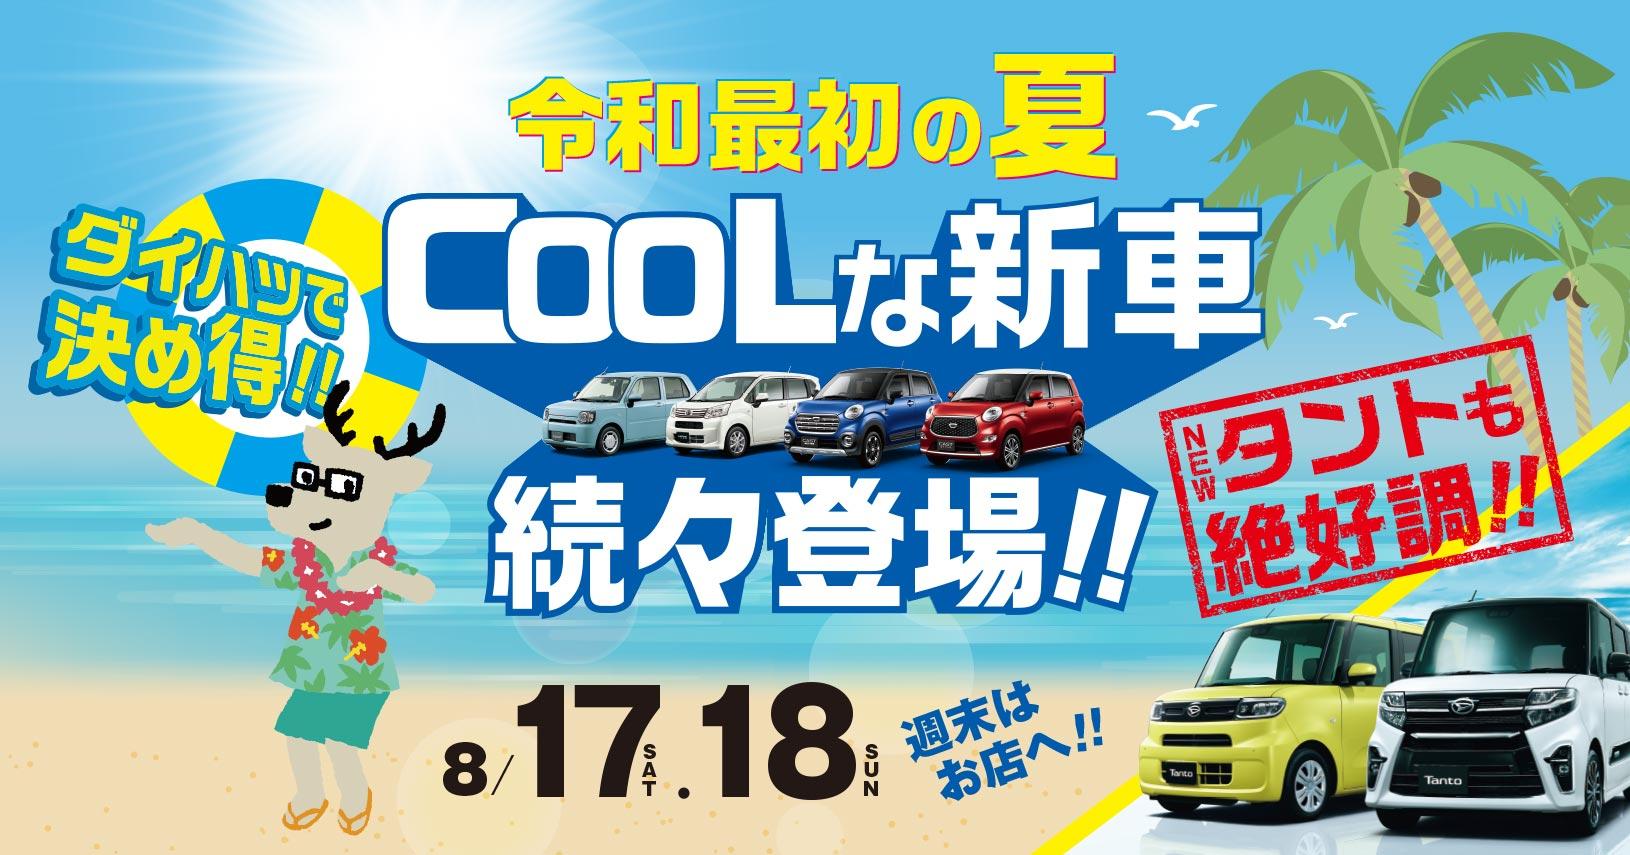 8月17.18日令和最初の夏COOLな新車続々登場!!NEWタントも絶好調!!